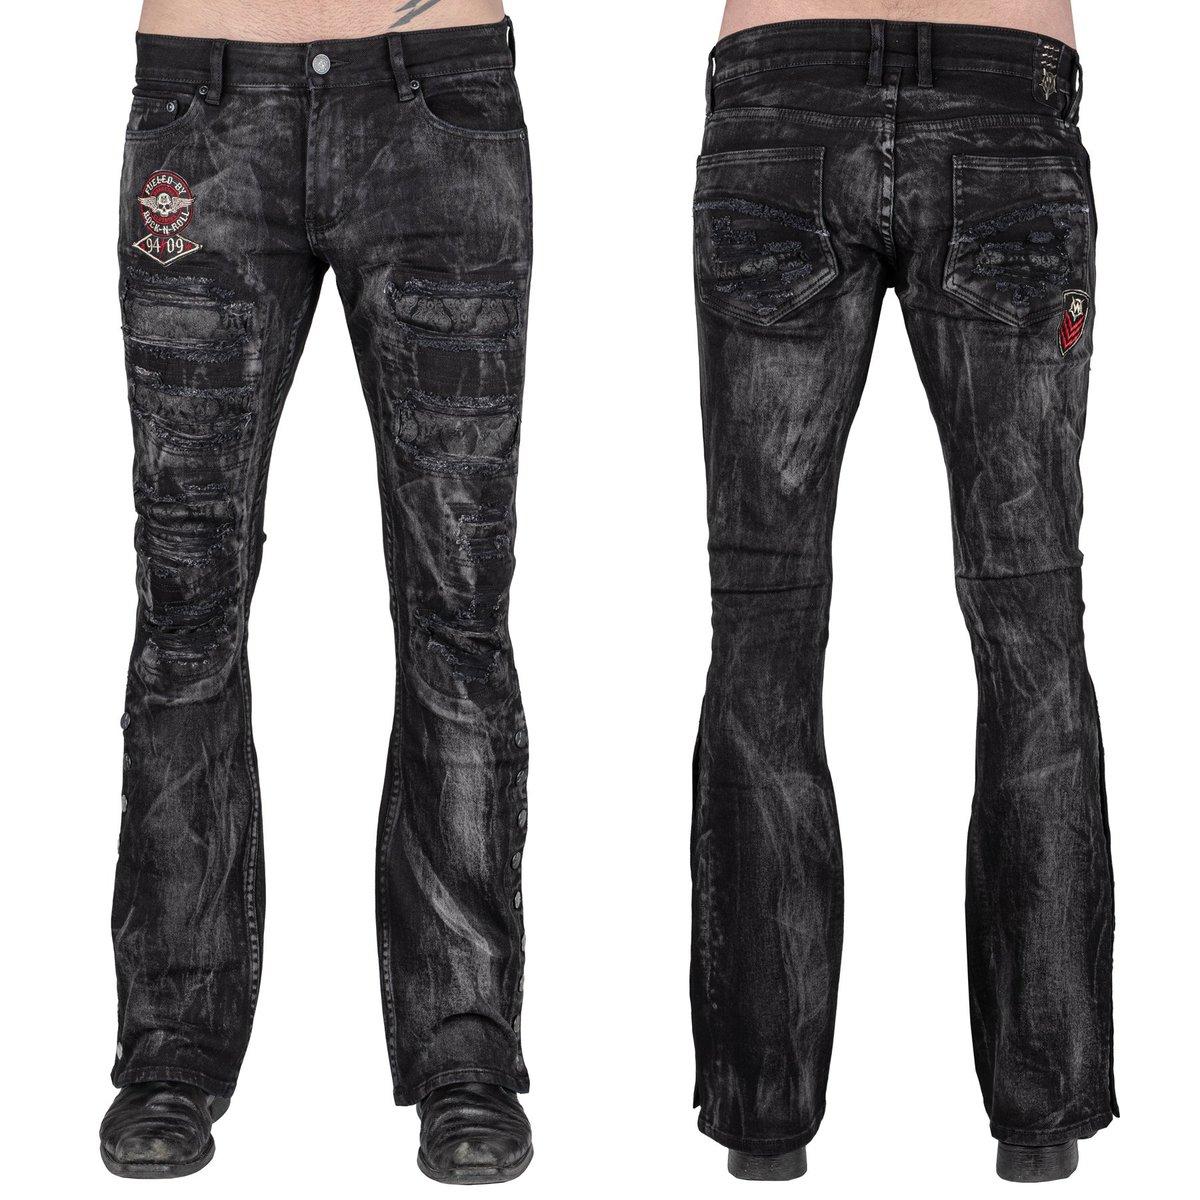 kalhoty pánské (jeans) WORNSTAR - Nocturne - WSGP-NOC